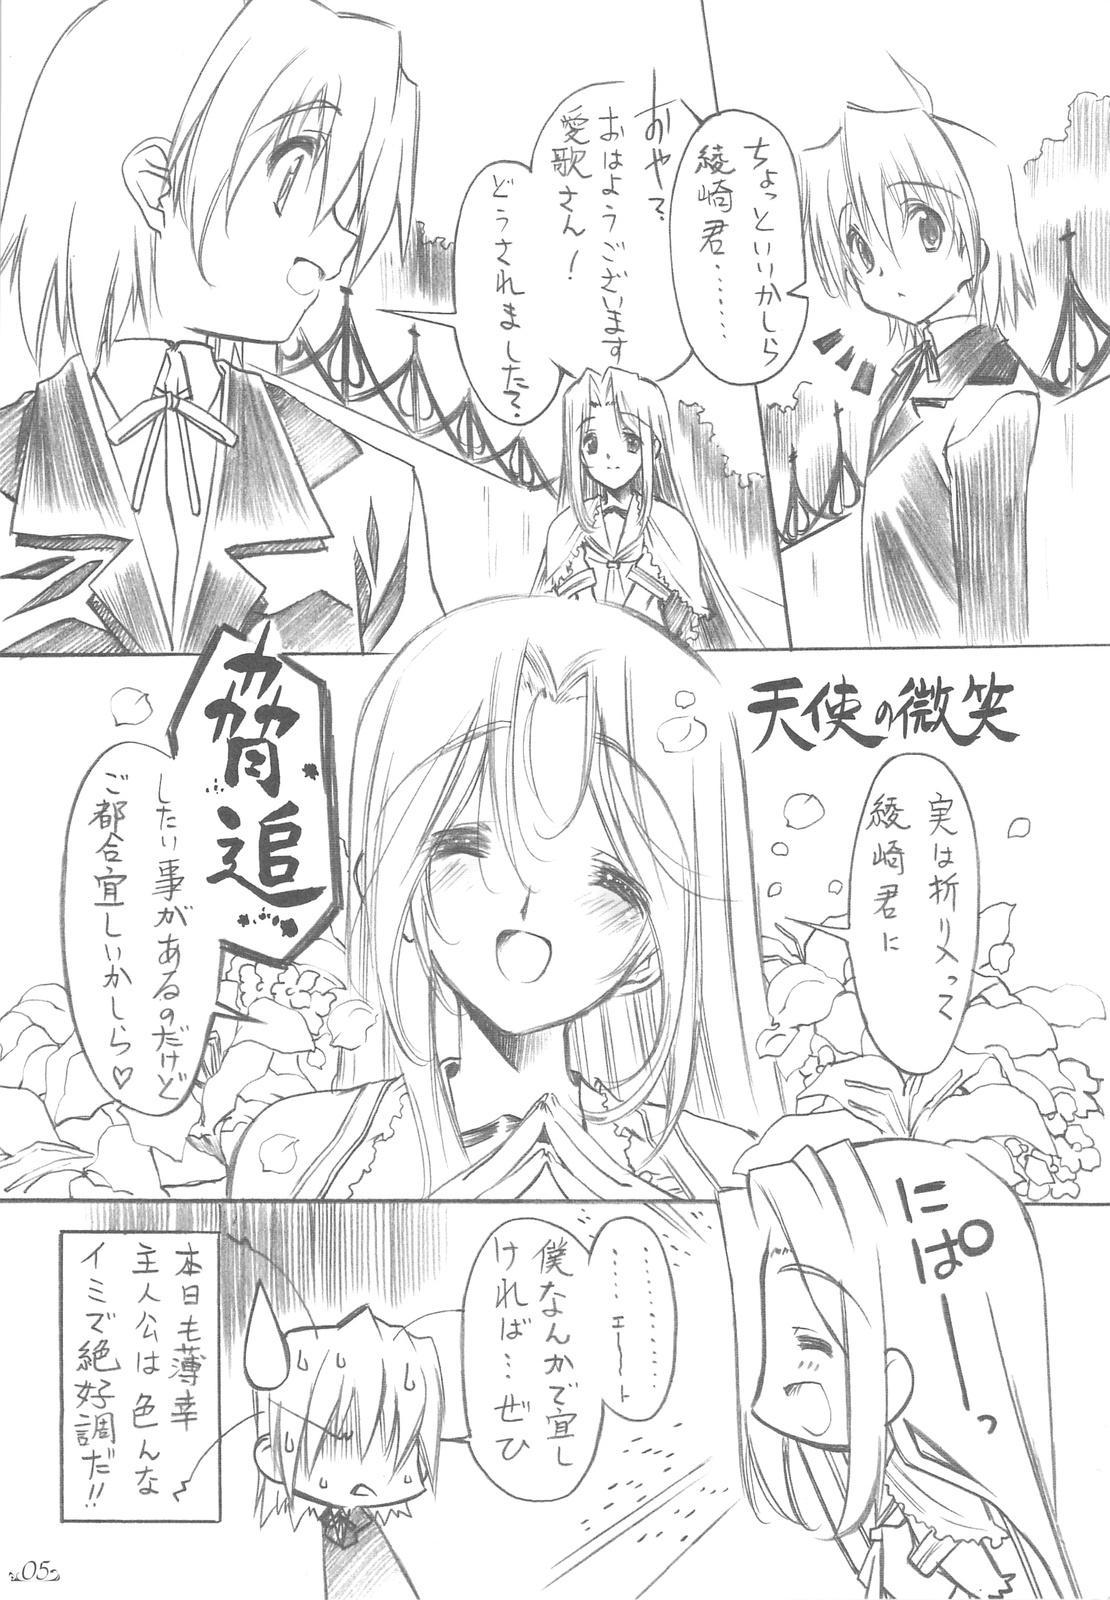 Honogurai Taku no Shita Kara 3